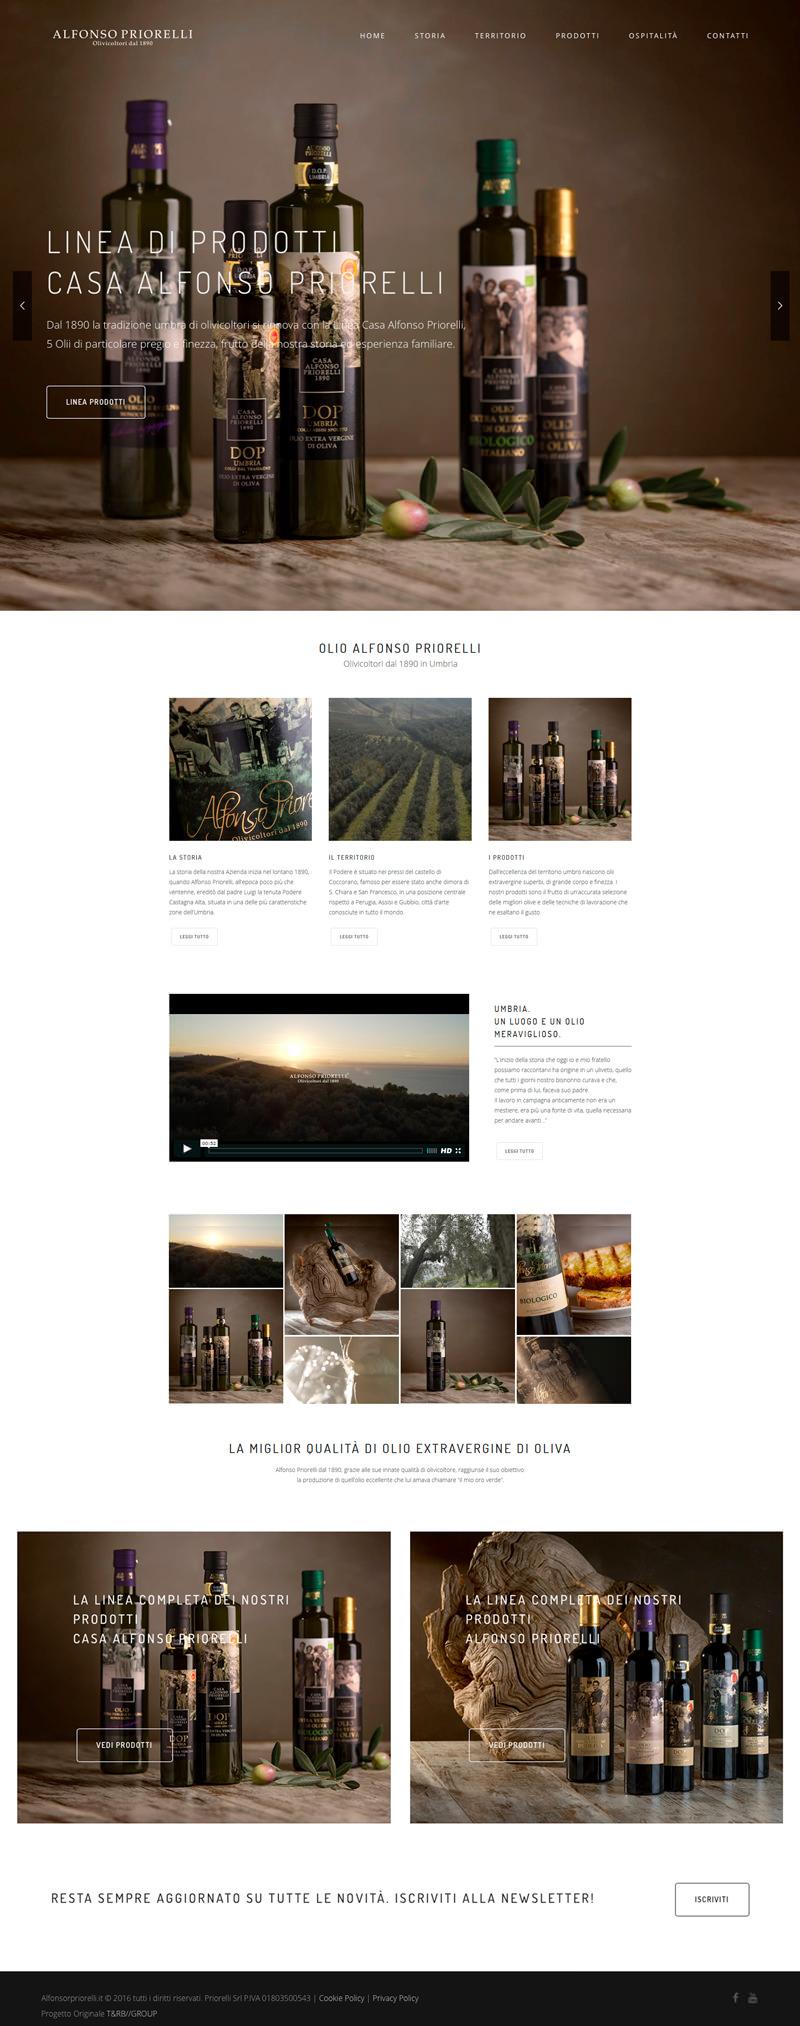 Pagina-Alfonso-Priorelli_01.jpg